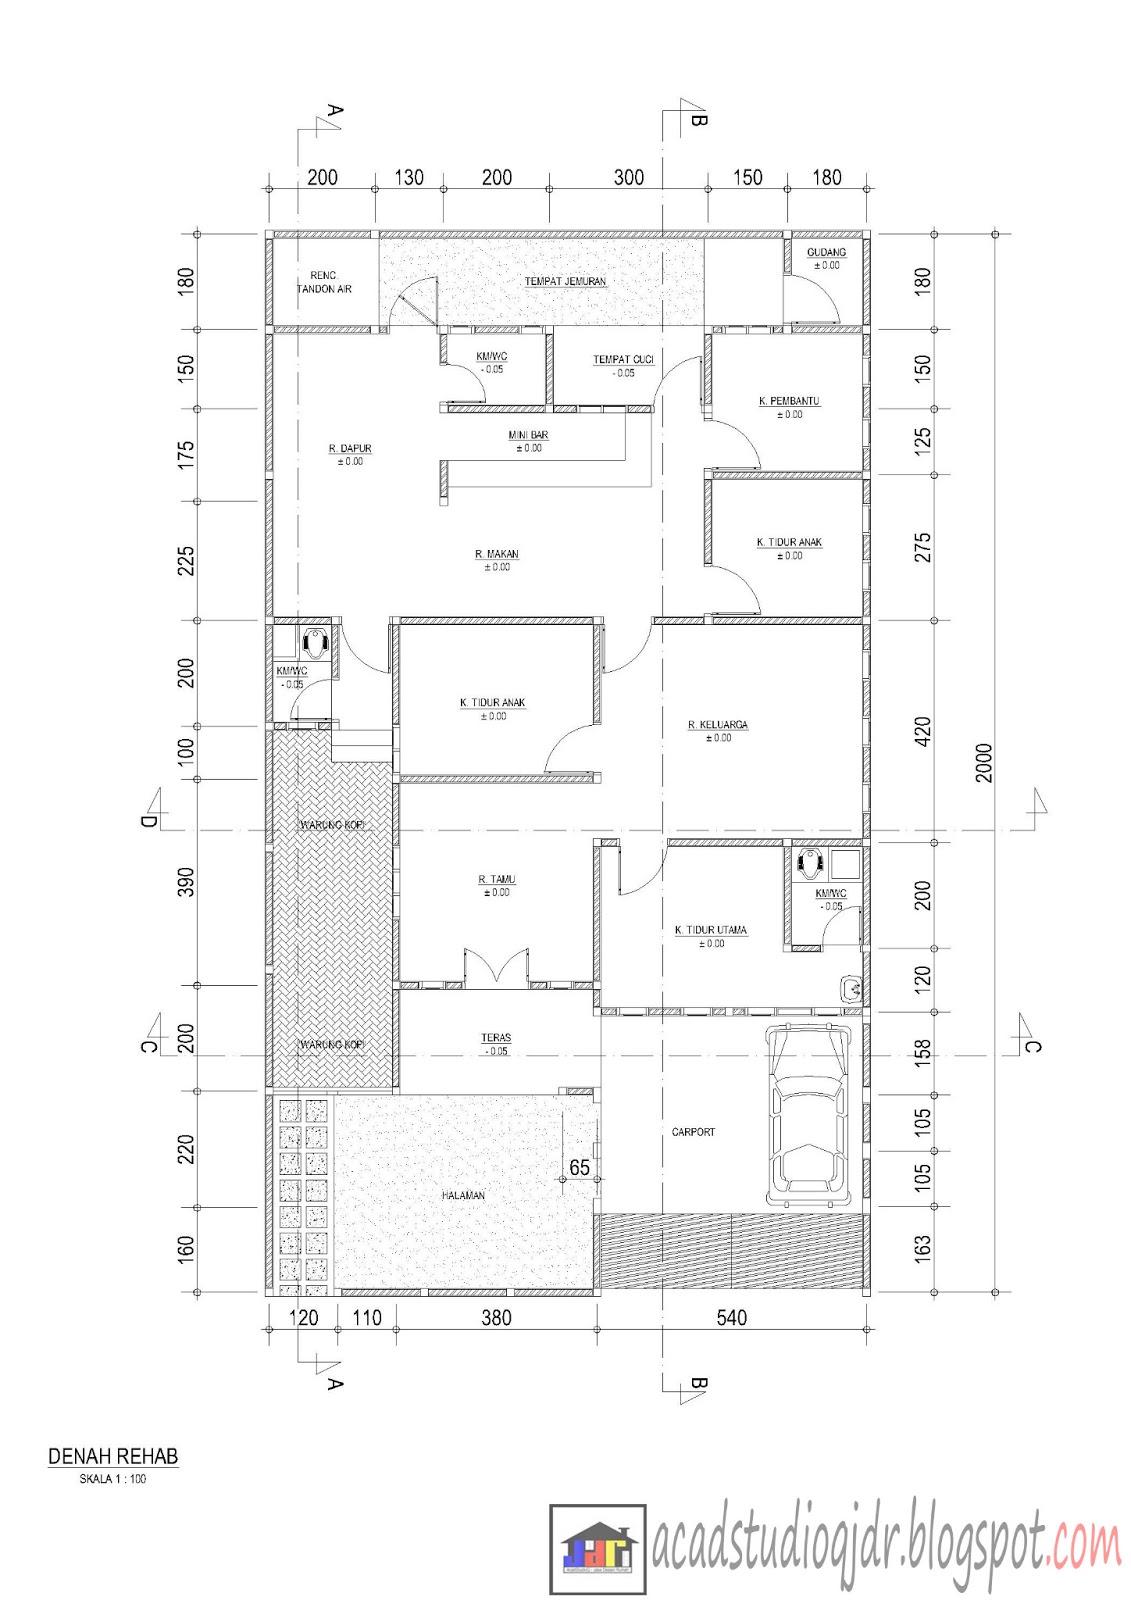 Denah rumah ukuran 11,30 m x 20,00 m dengan komposisi ruangan :